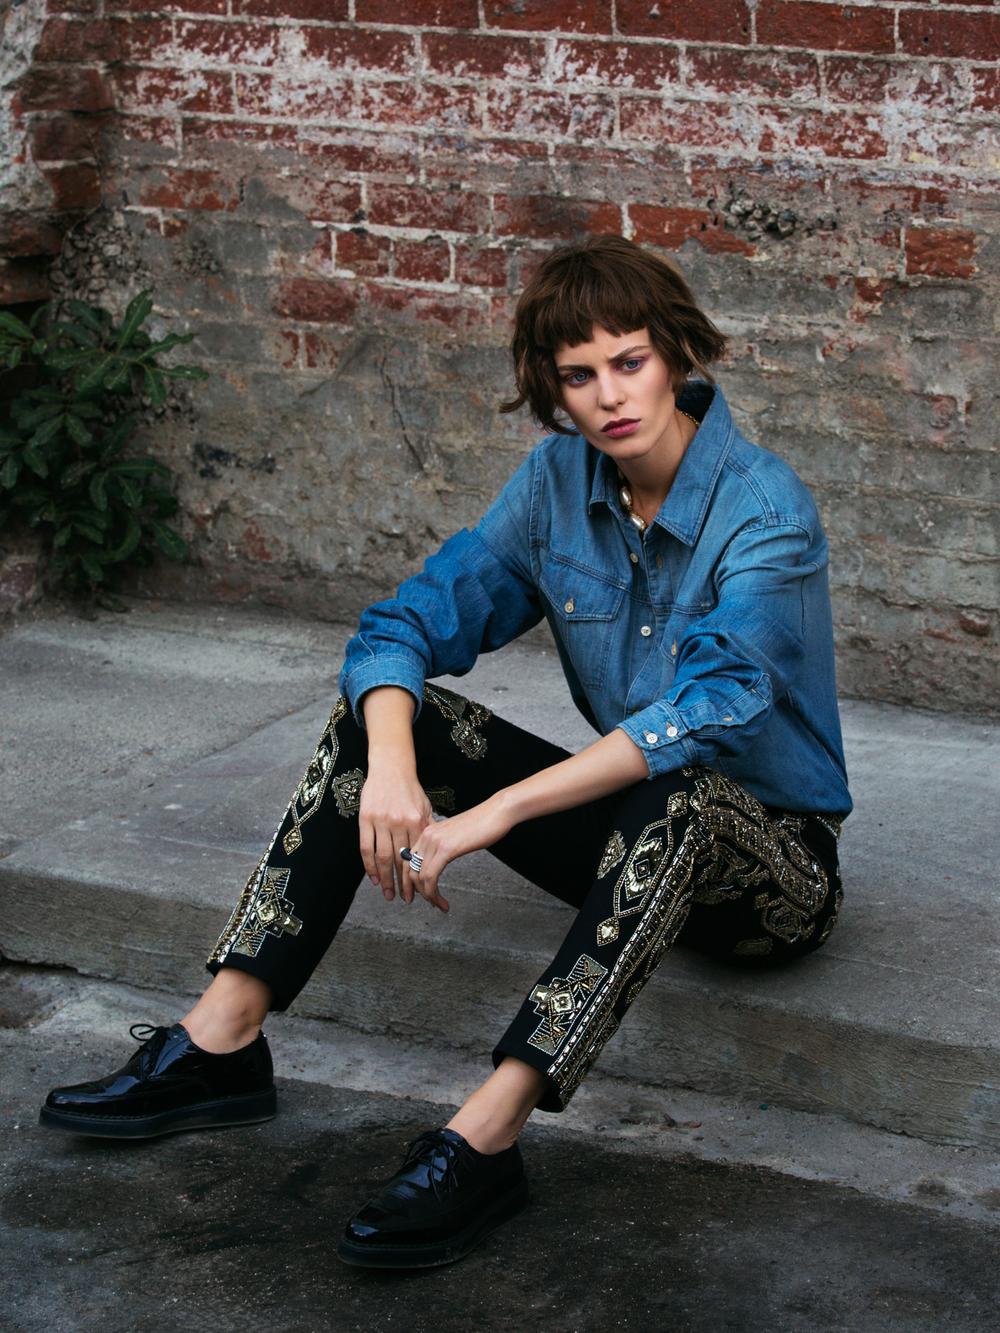 Ellinore-Erichsen-Flaunt-Magazine-1.jpg